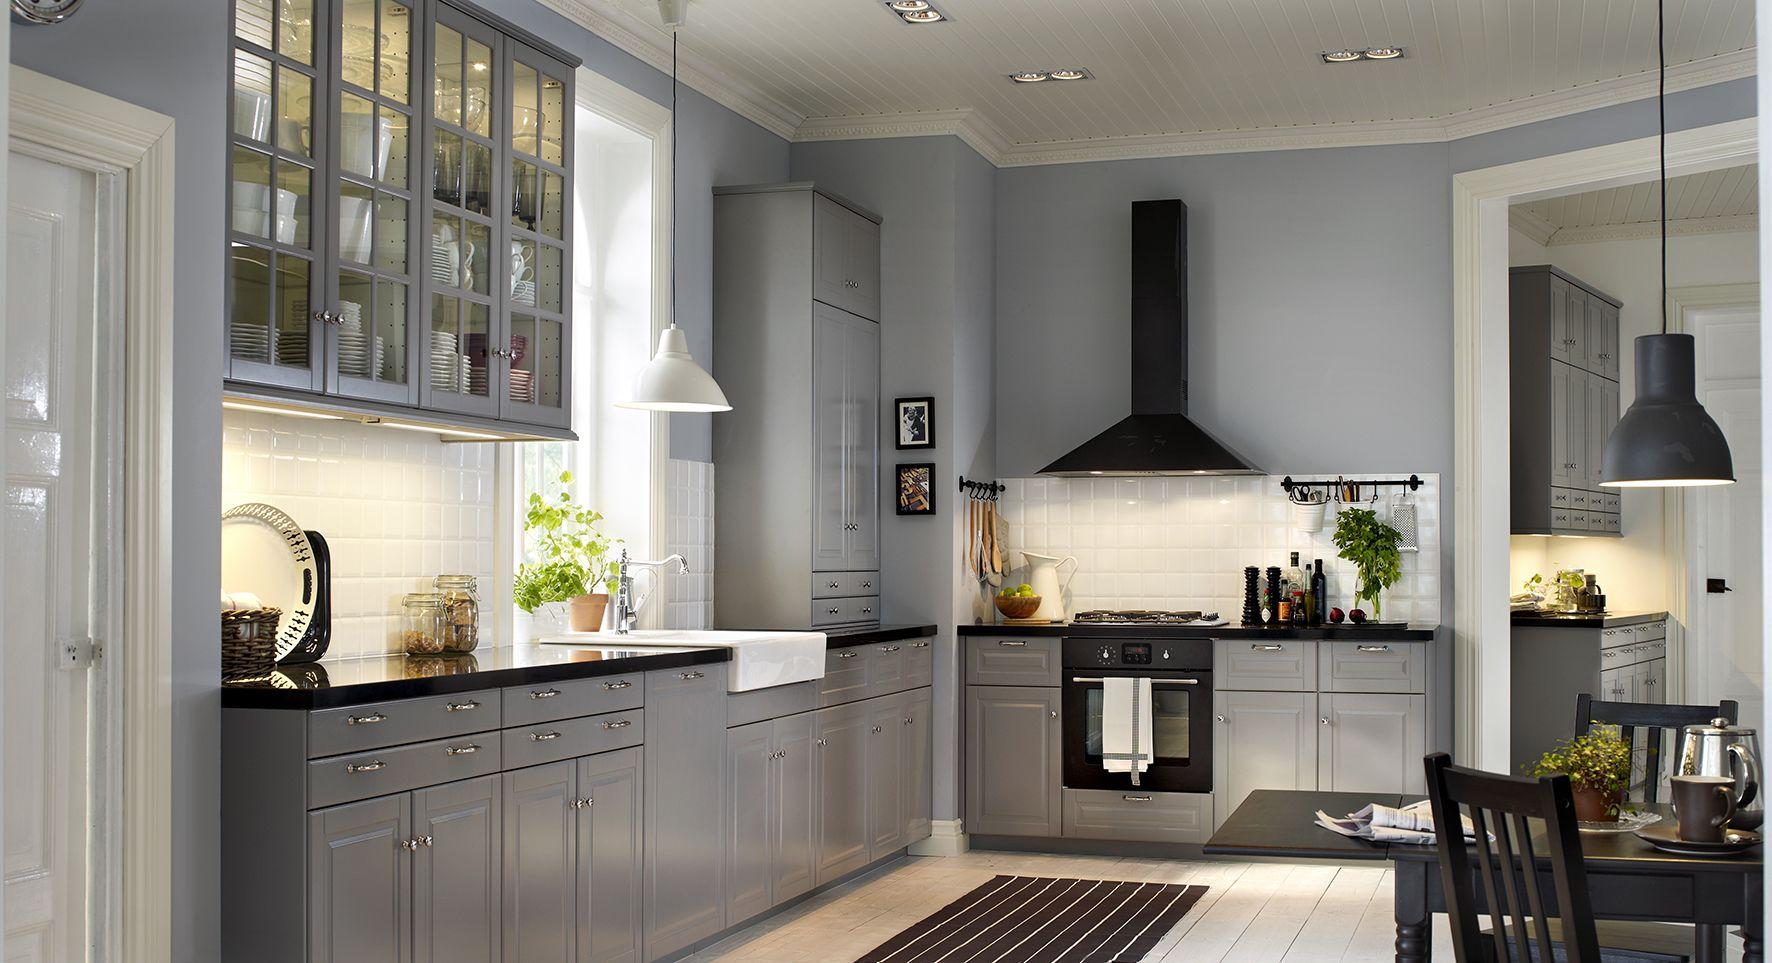 Nieuwe Keuken Ikea : Nieuwe keukens van ikea keukensystemen metod keukens landelijk